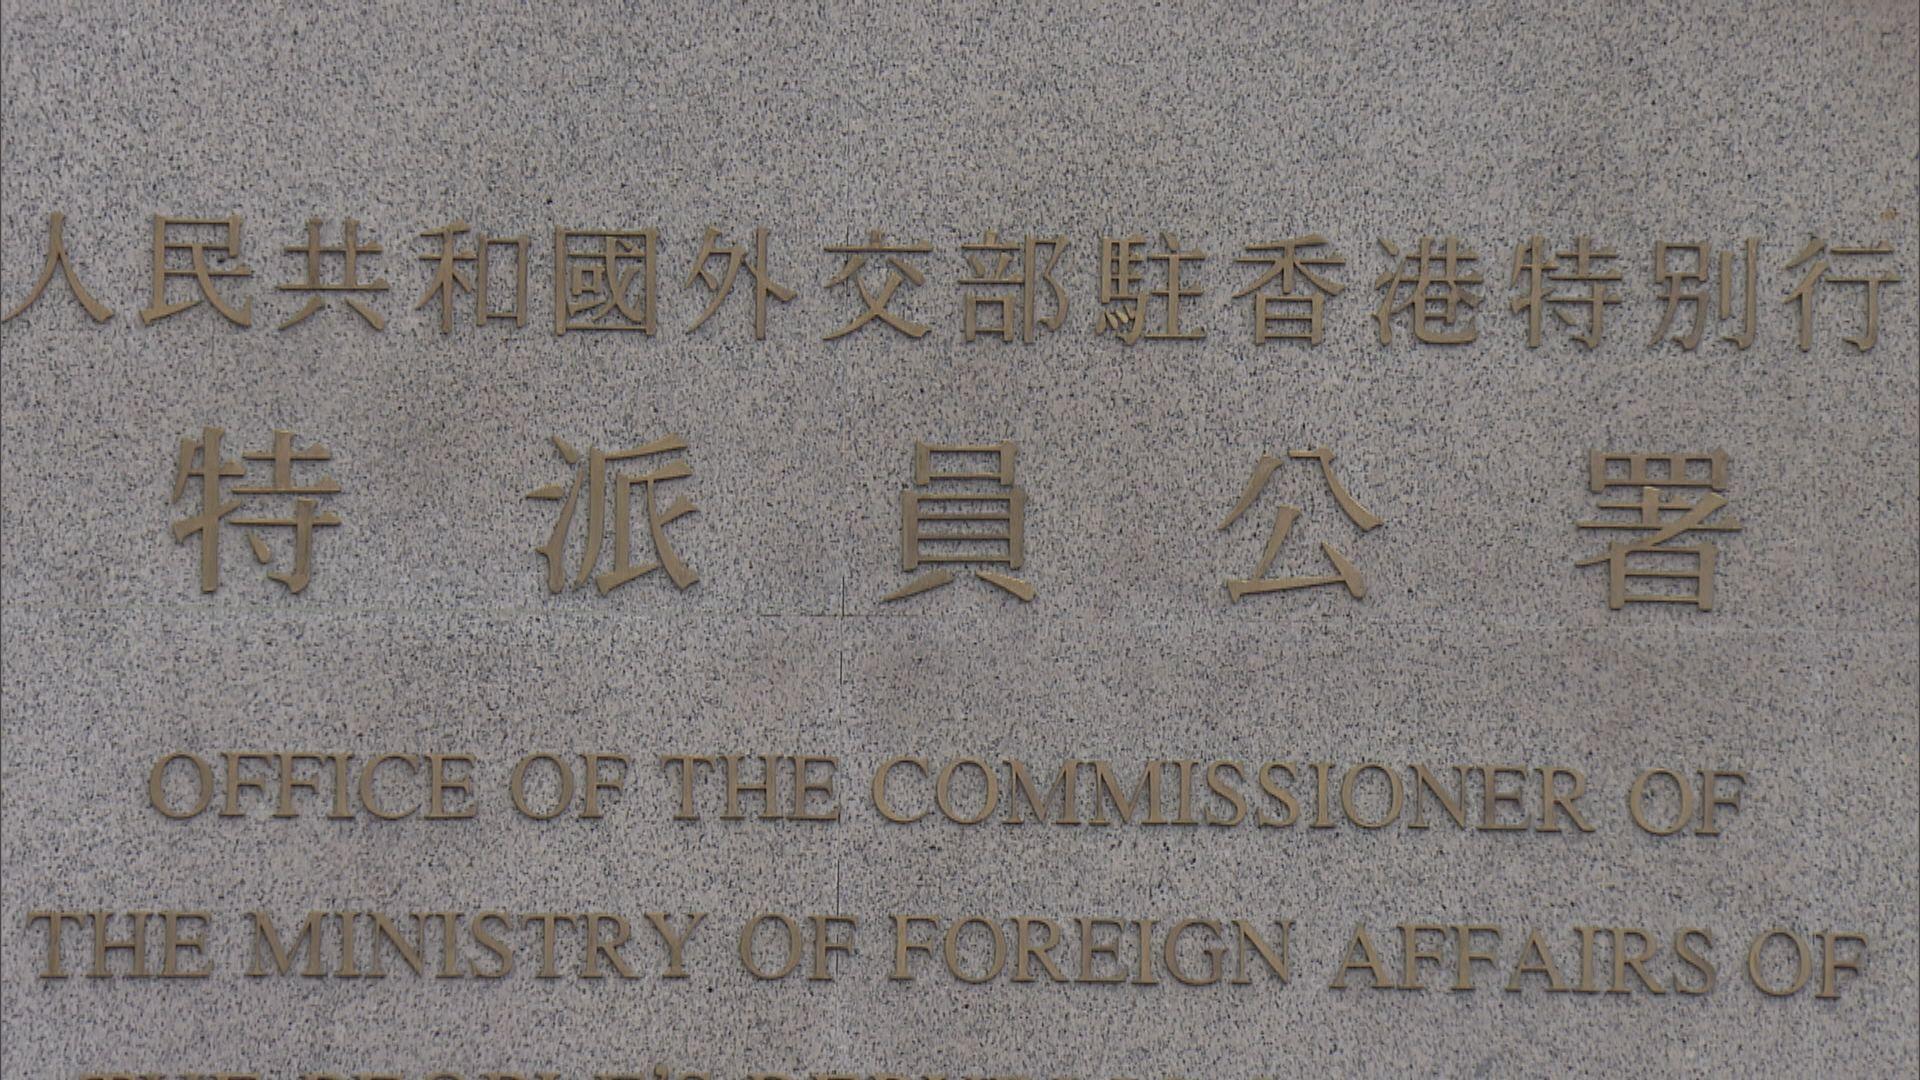 駐港公署不滿有外部勢力以新聞自由為幌子干預香港事務